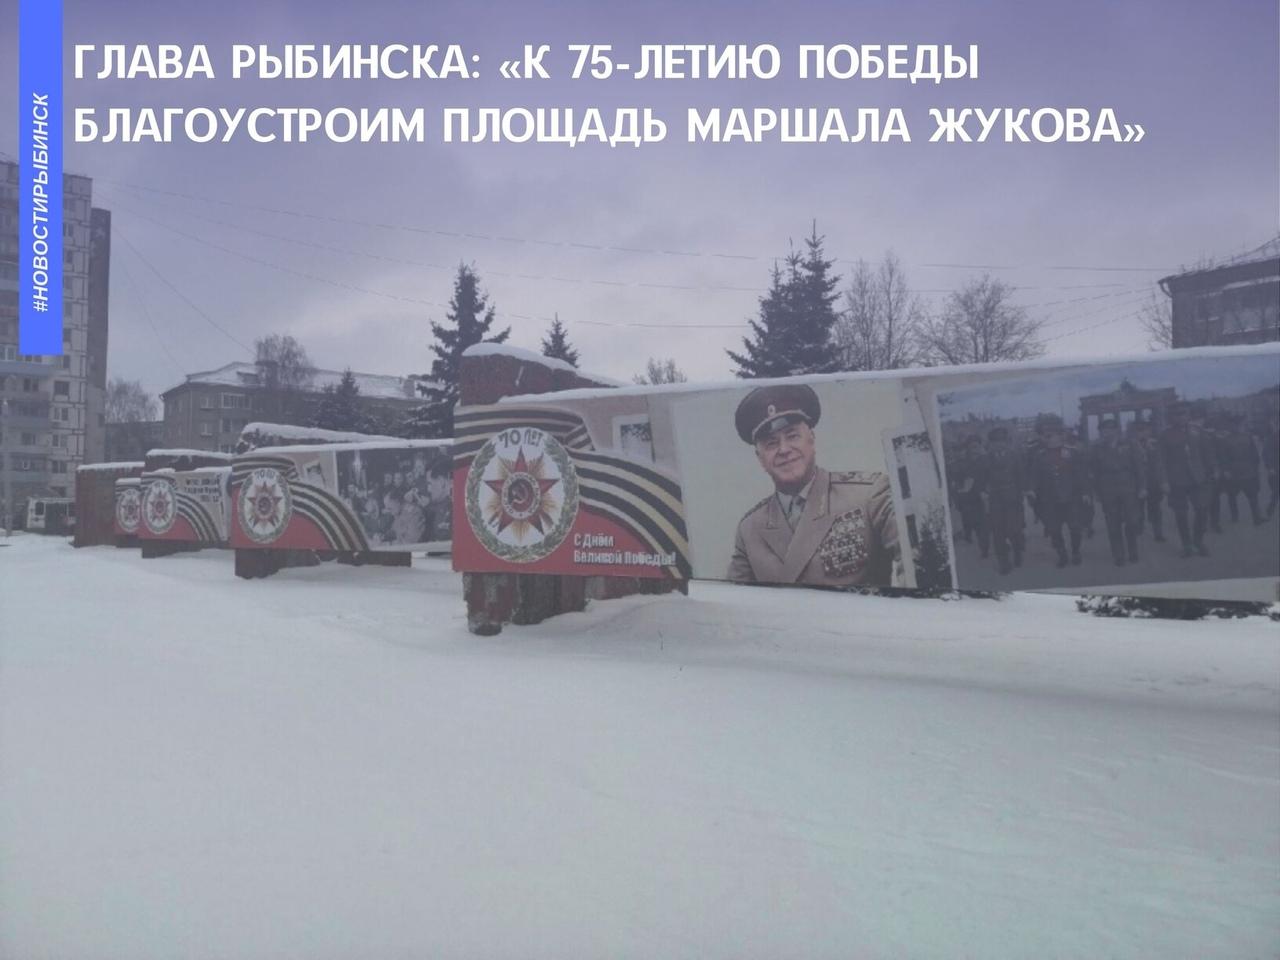 К 75-летию Победы в Рыбинске начнут благоустраивать площадь Маршала Жукова